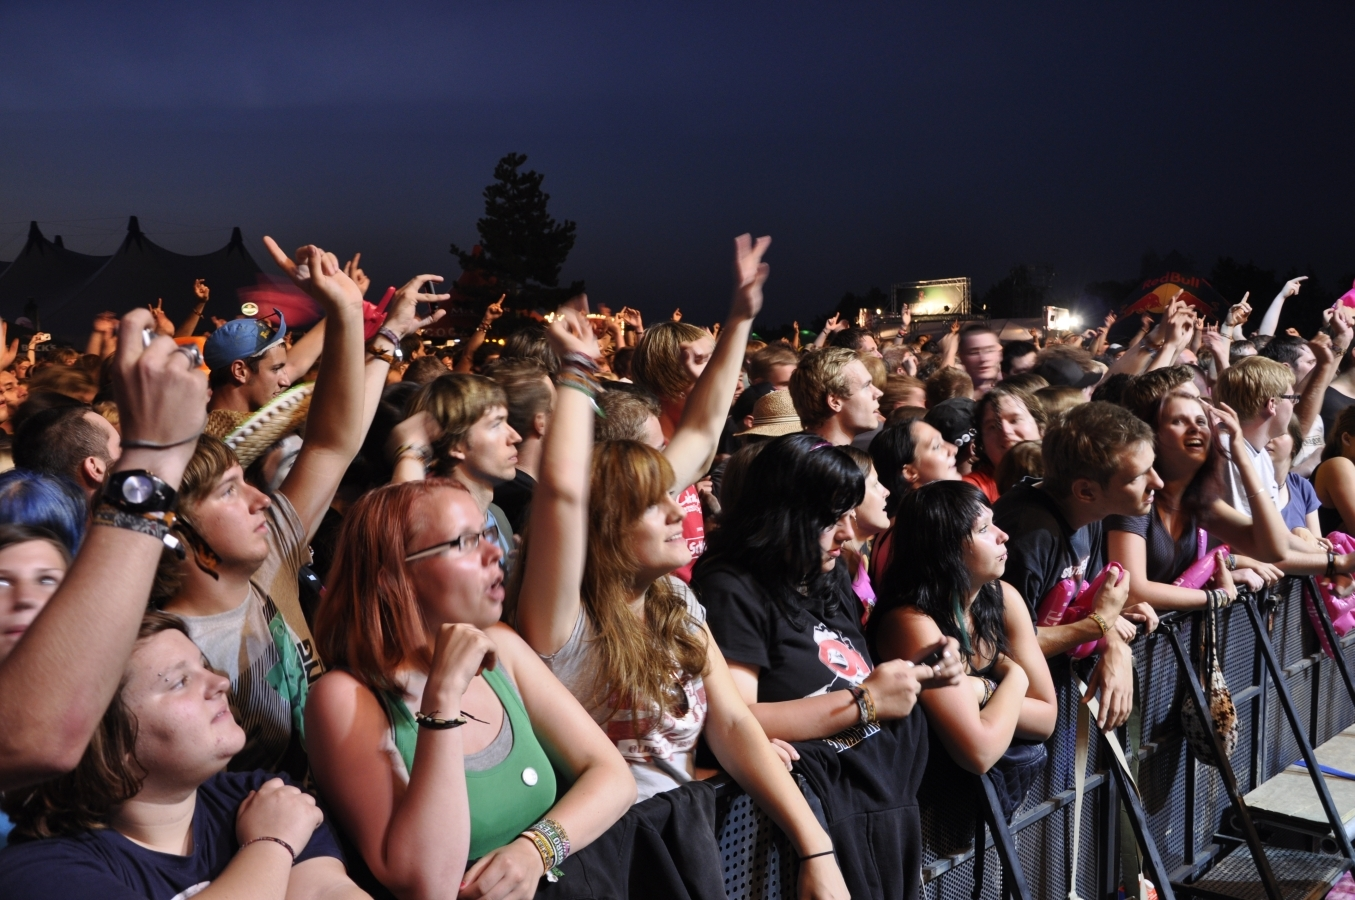 Bis zu 25.000 Fans werden beim Highfield 2010 erwartet.